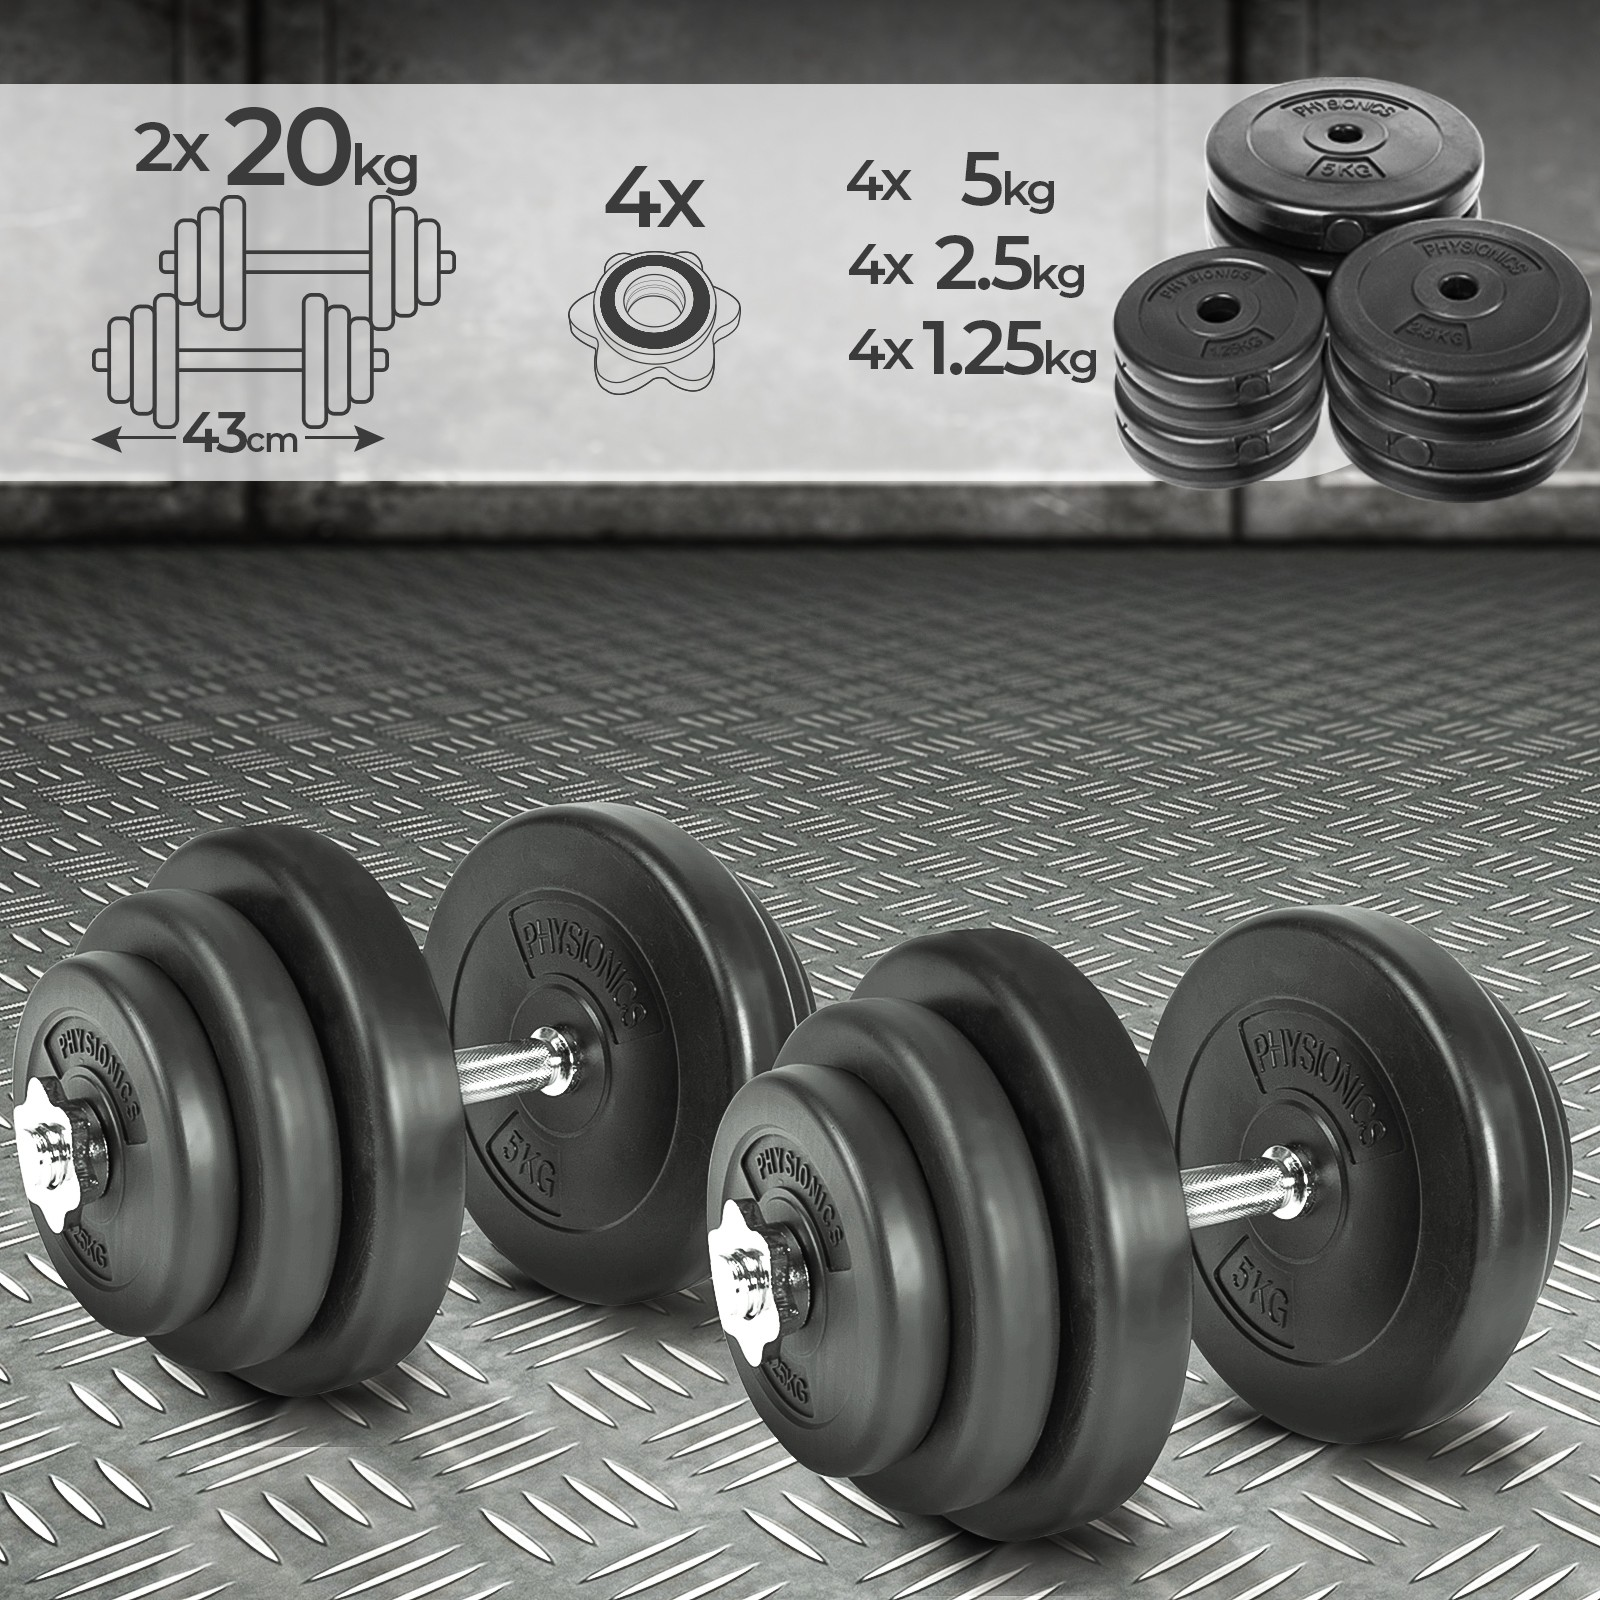 Chrom Kurzhantel Hanteln Set Hantelset Gewichte Hantelscheiben 40 kg 2x20